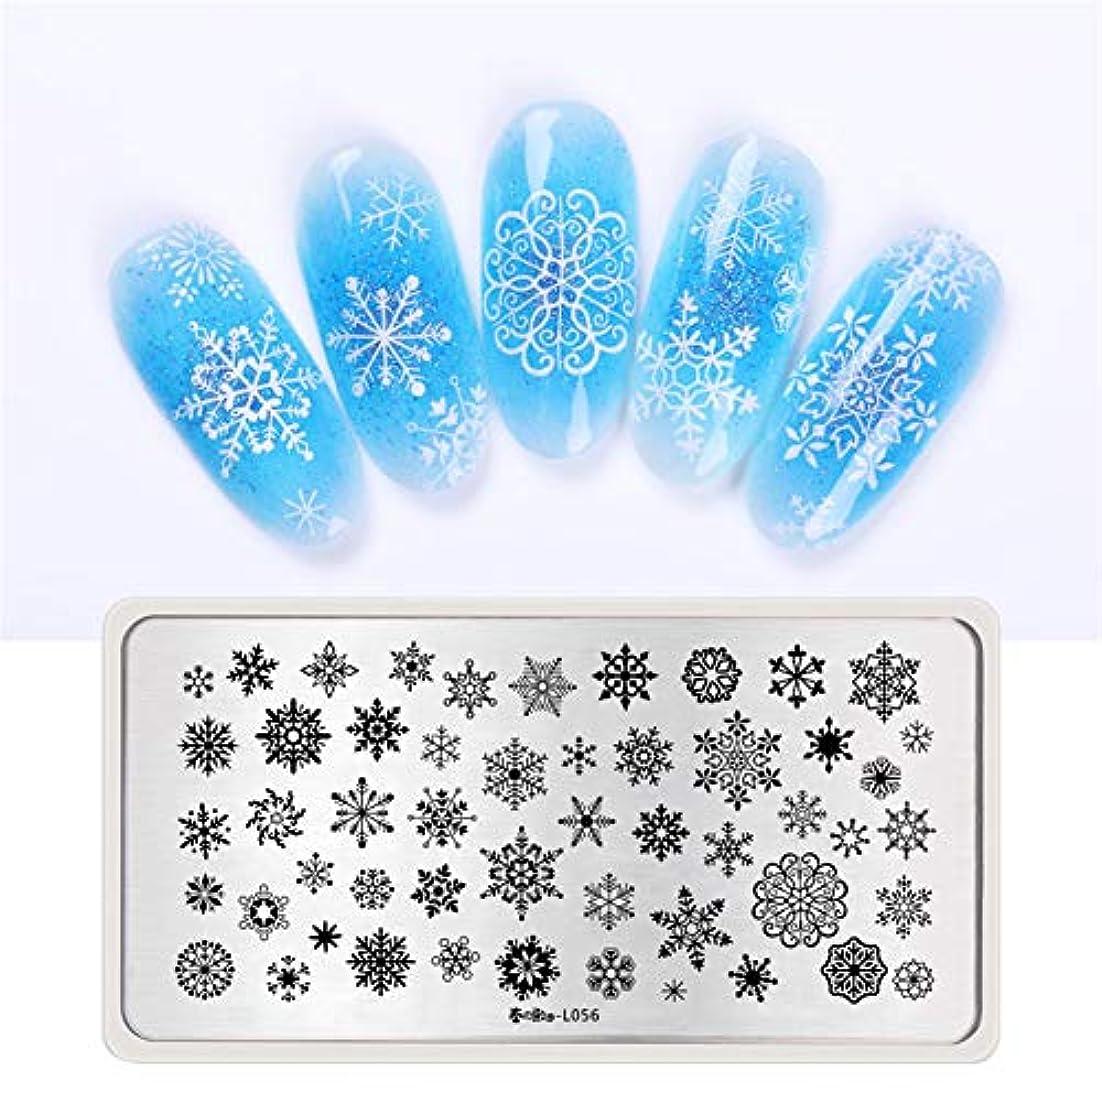 法医学吐き出す応答春の歌 スタンププレート クリスマス 雪だるま 雪花 冬ネイル スタンプネイルプレートスタンピングプレートネイル用品